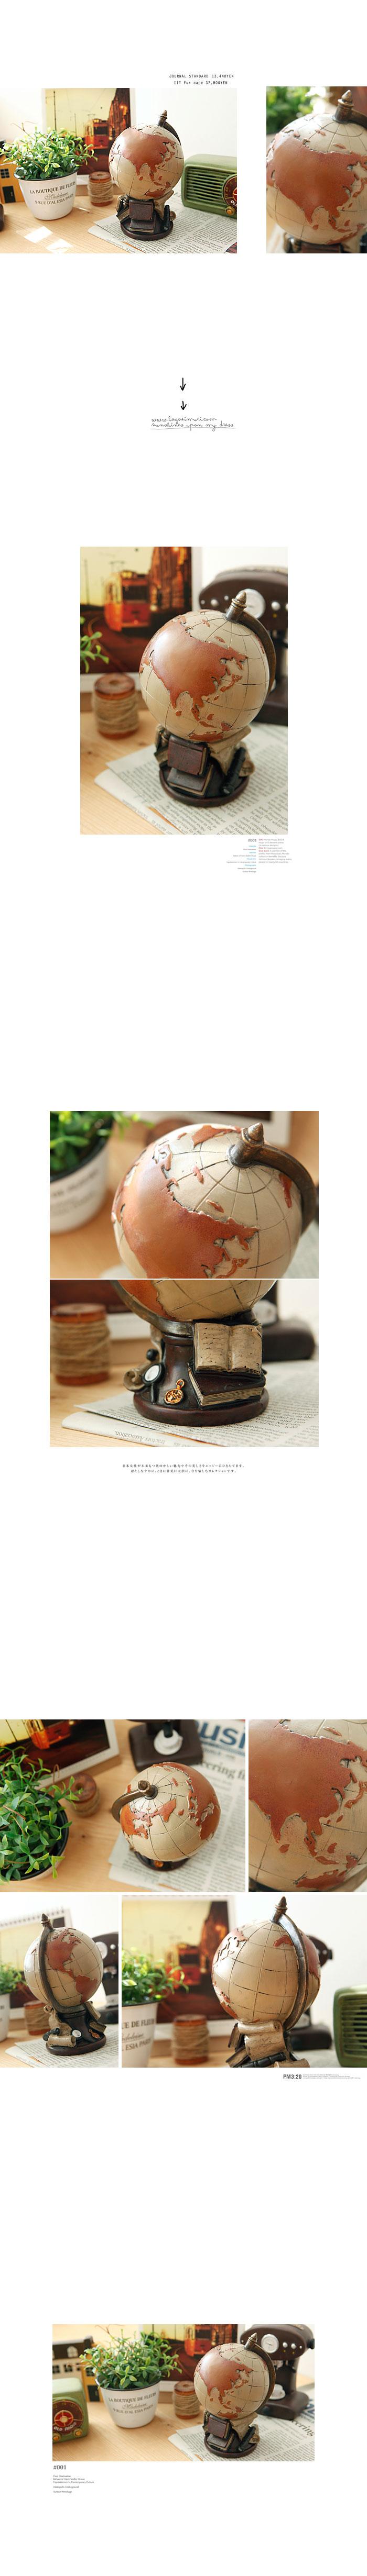 인테리어소품 장식 지구본 모형 - 안나하우스, 12,000원, 장식소품, 엔틱오브제